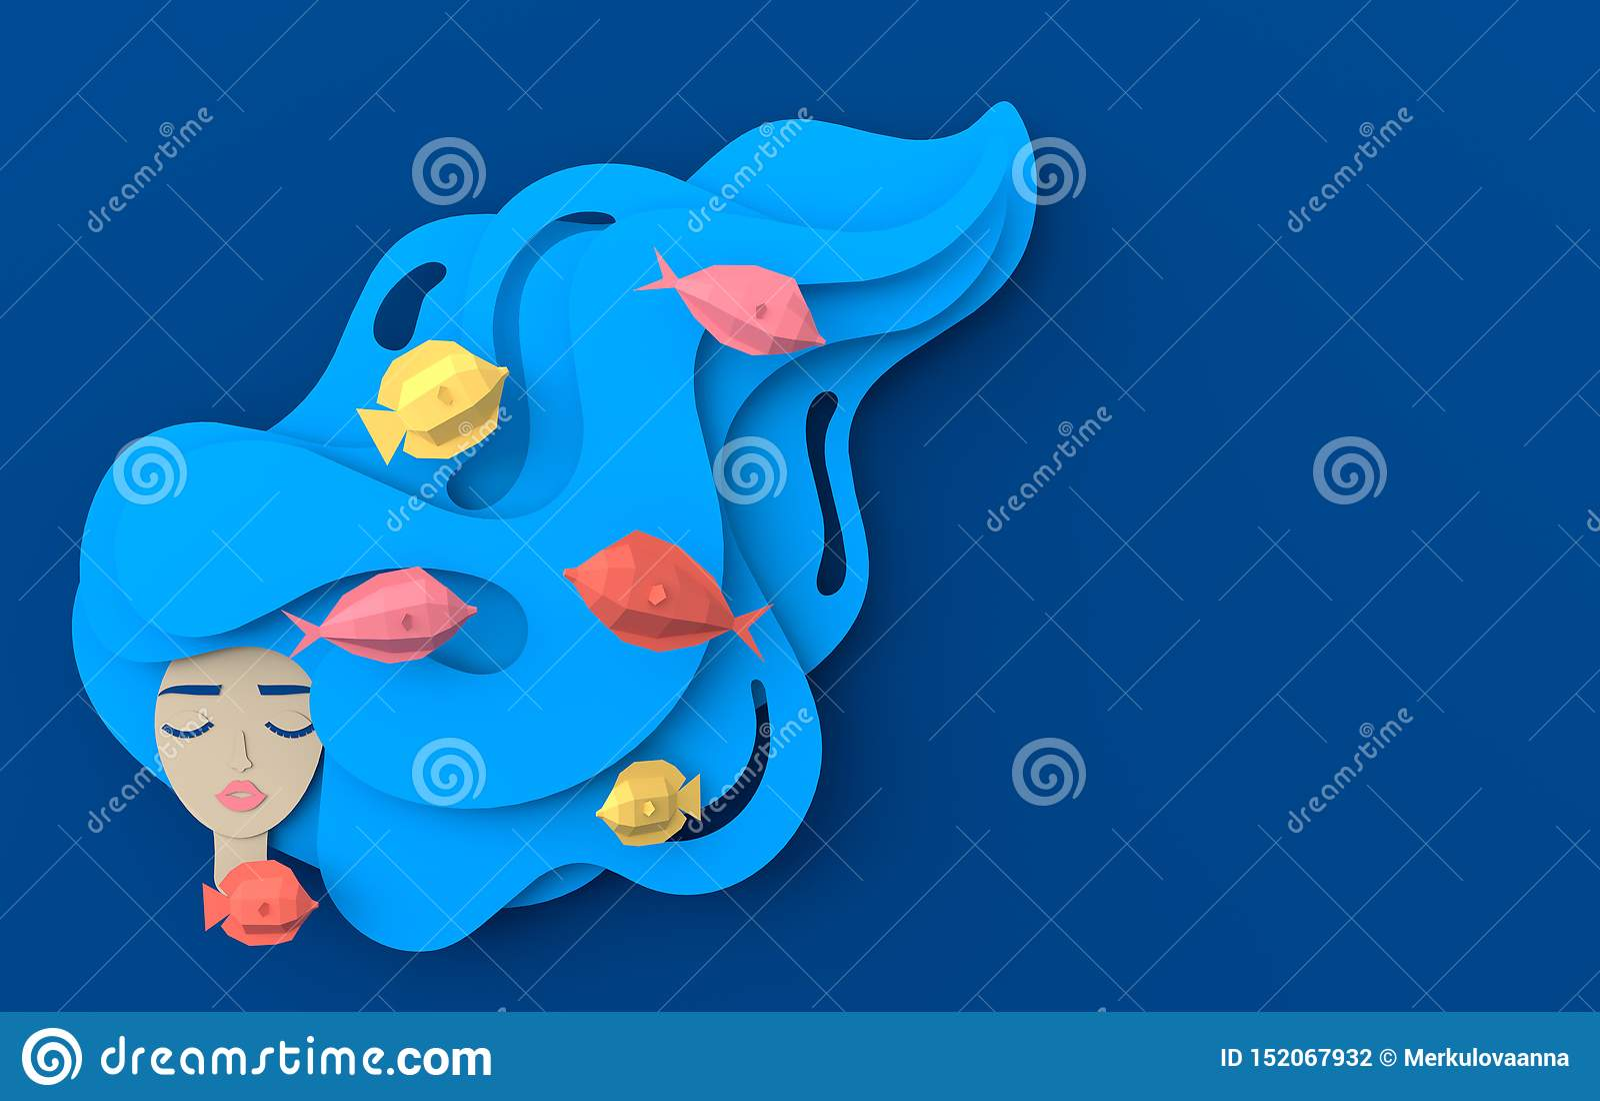 τρισδιάστατος δώστε το πορτρέτο της νέας όμορφης γοργόνας γυναικών με τη μακριά κυματιστή τρίχα Υποβρύχια ζωή θάλασσας εγγράφου μ